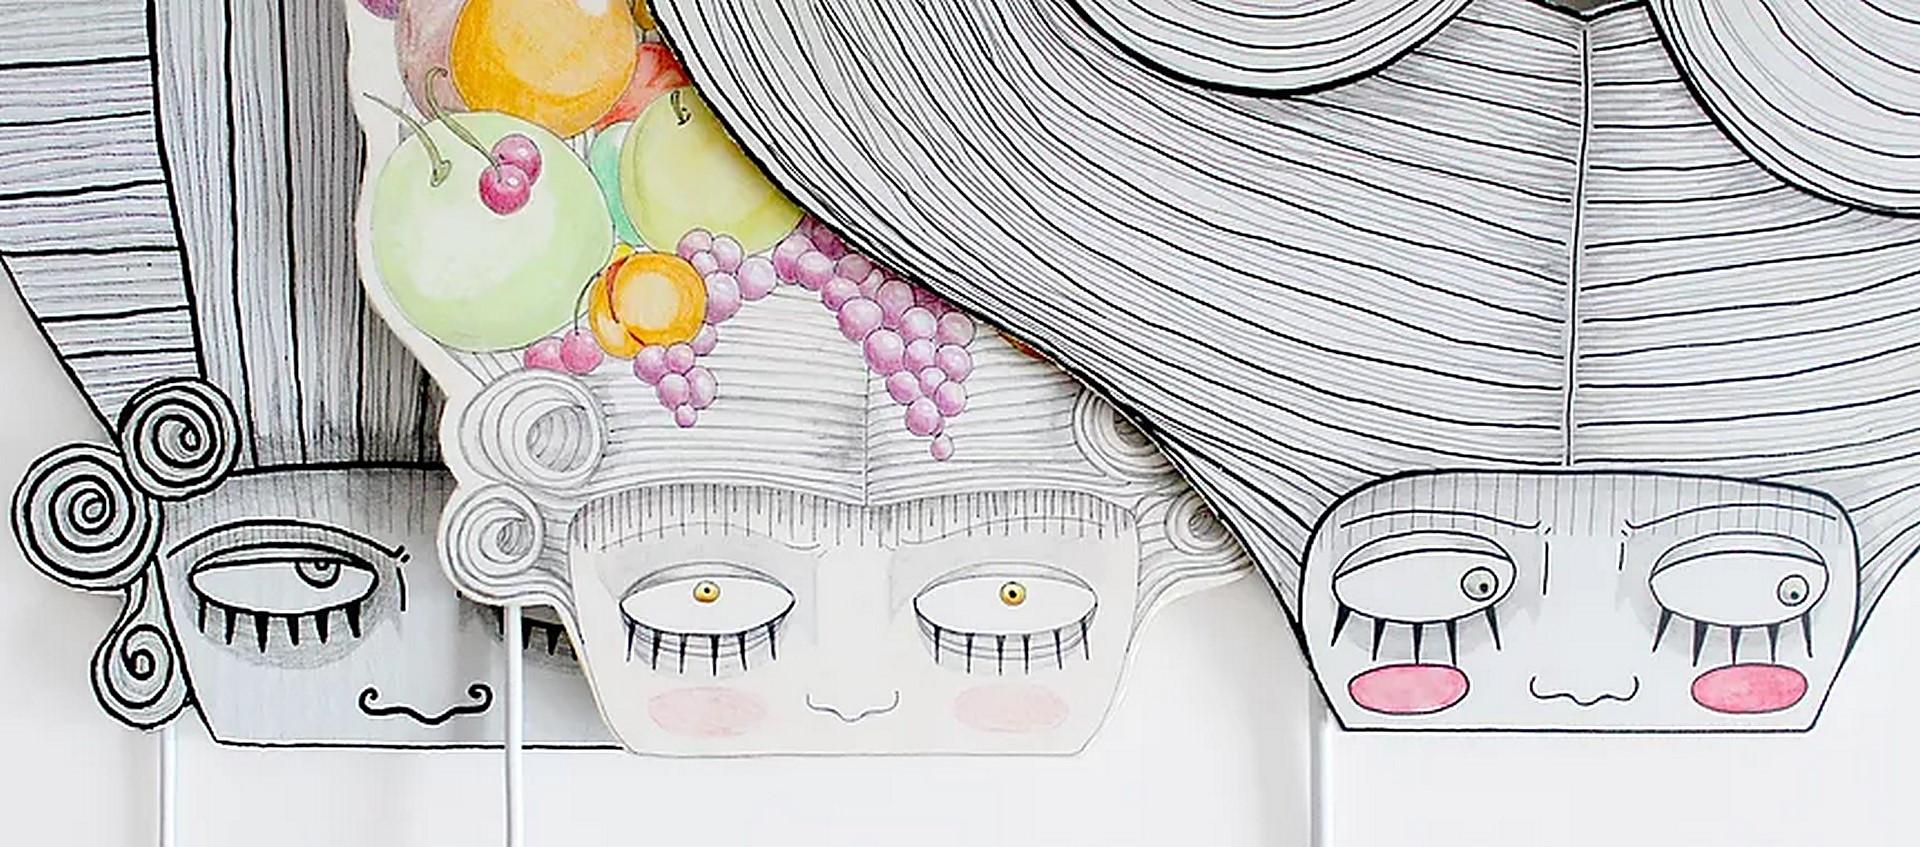 Chapeau, Miss Guillotine, Bacchus Mask.j